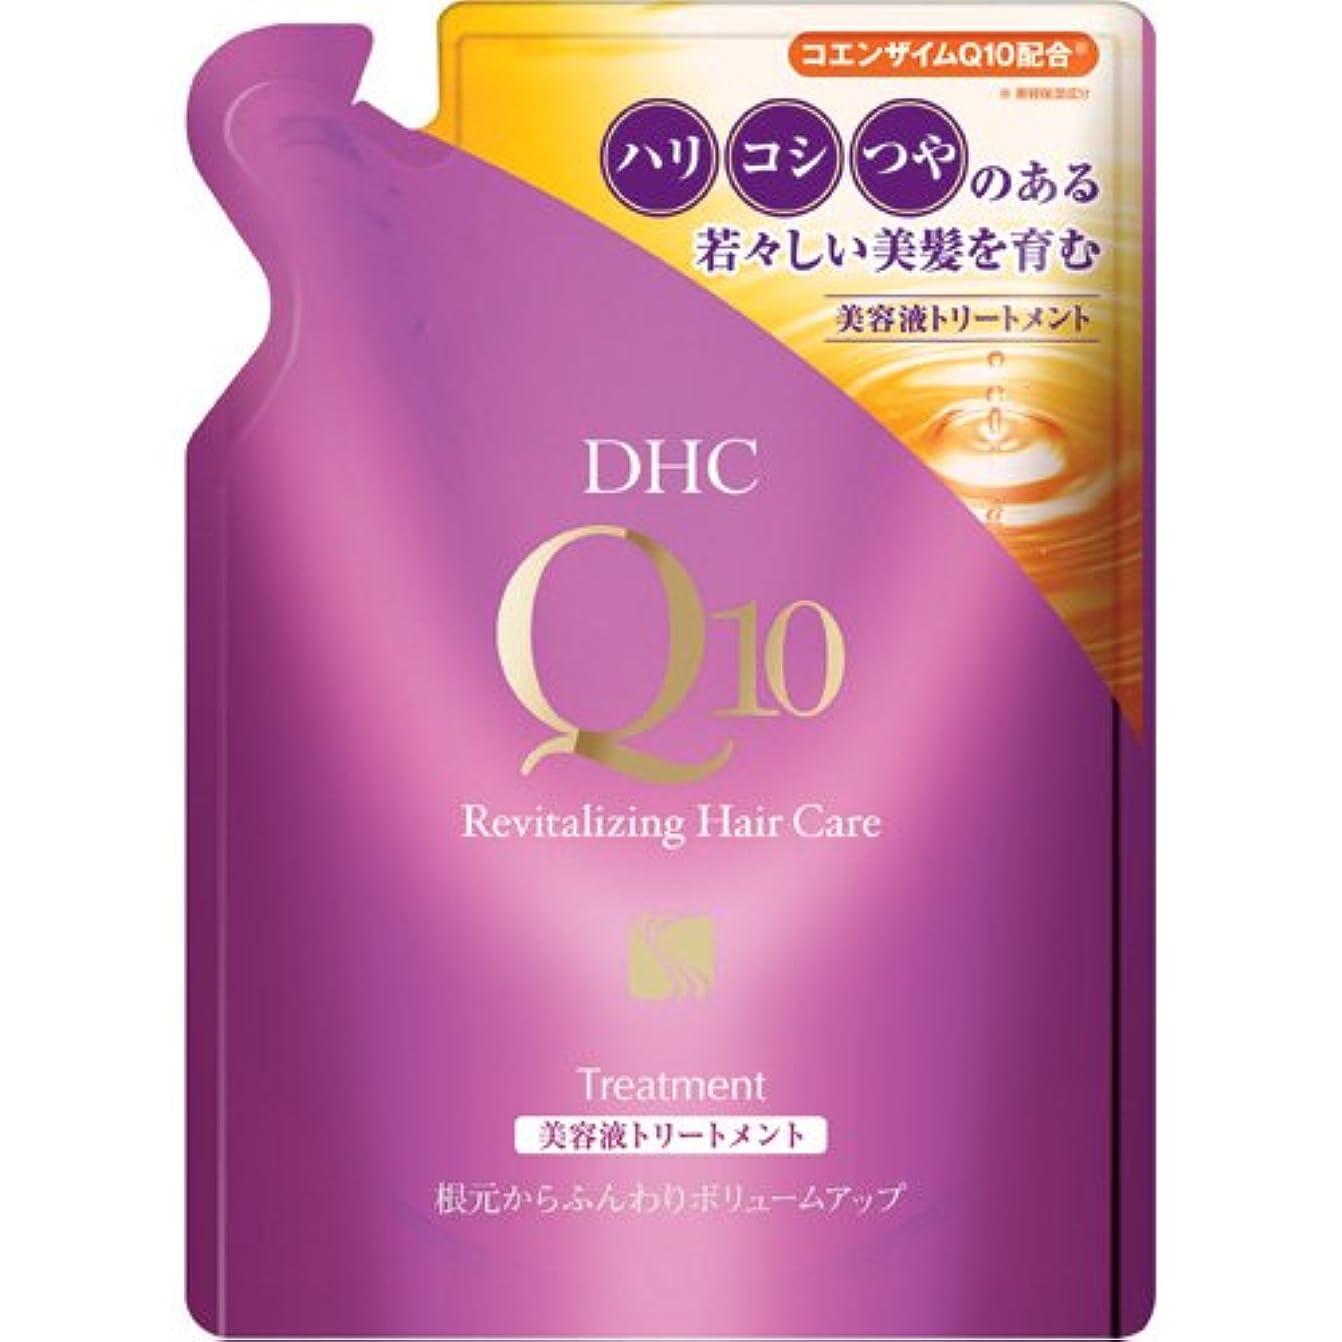 回転する満足させる繊細DHC Q10美容液 トリートメント 詰め替え用 (SS) 240ml